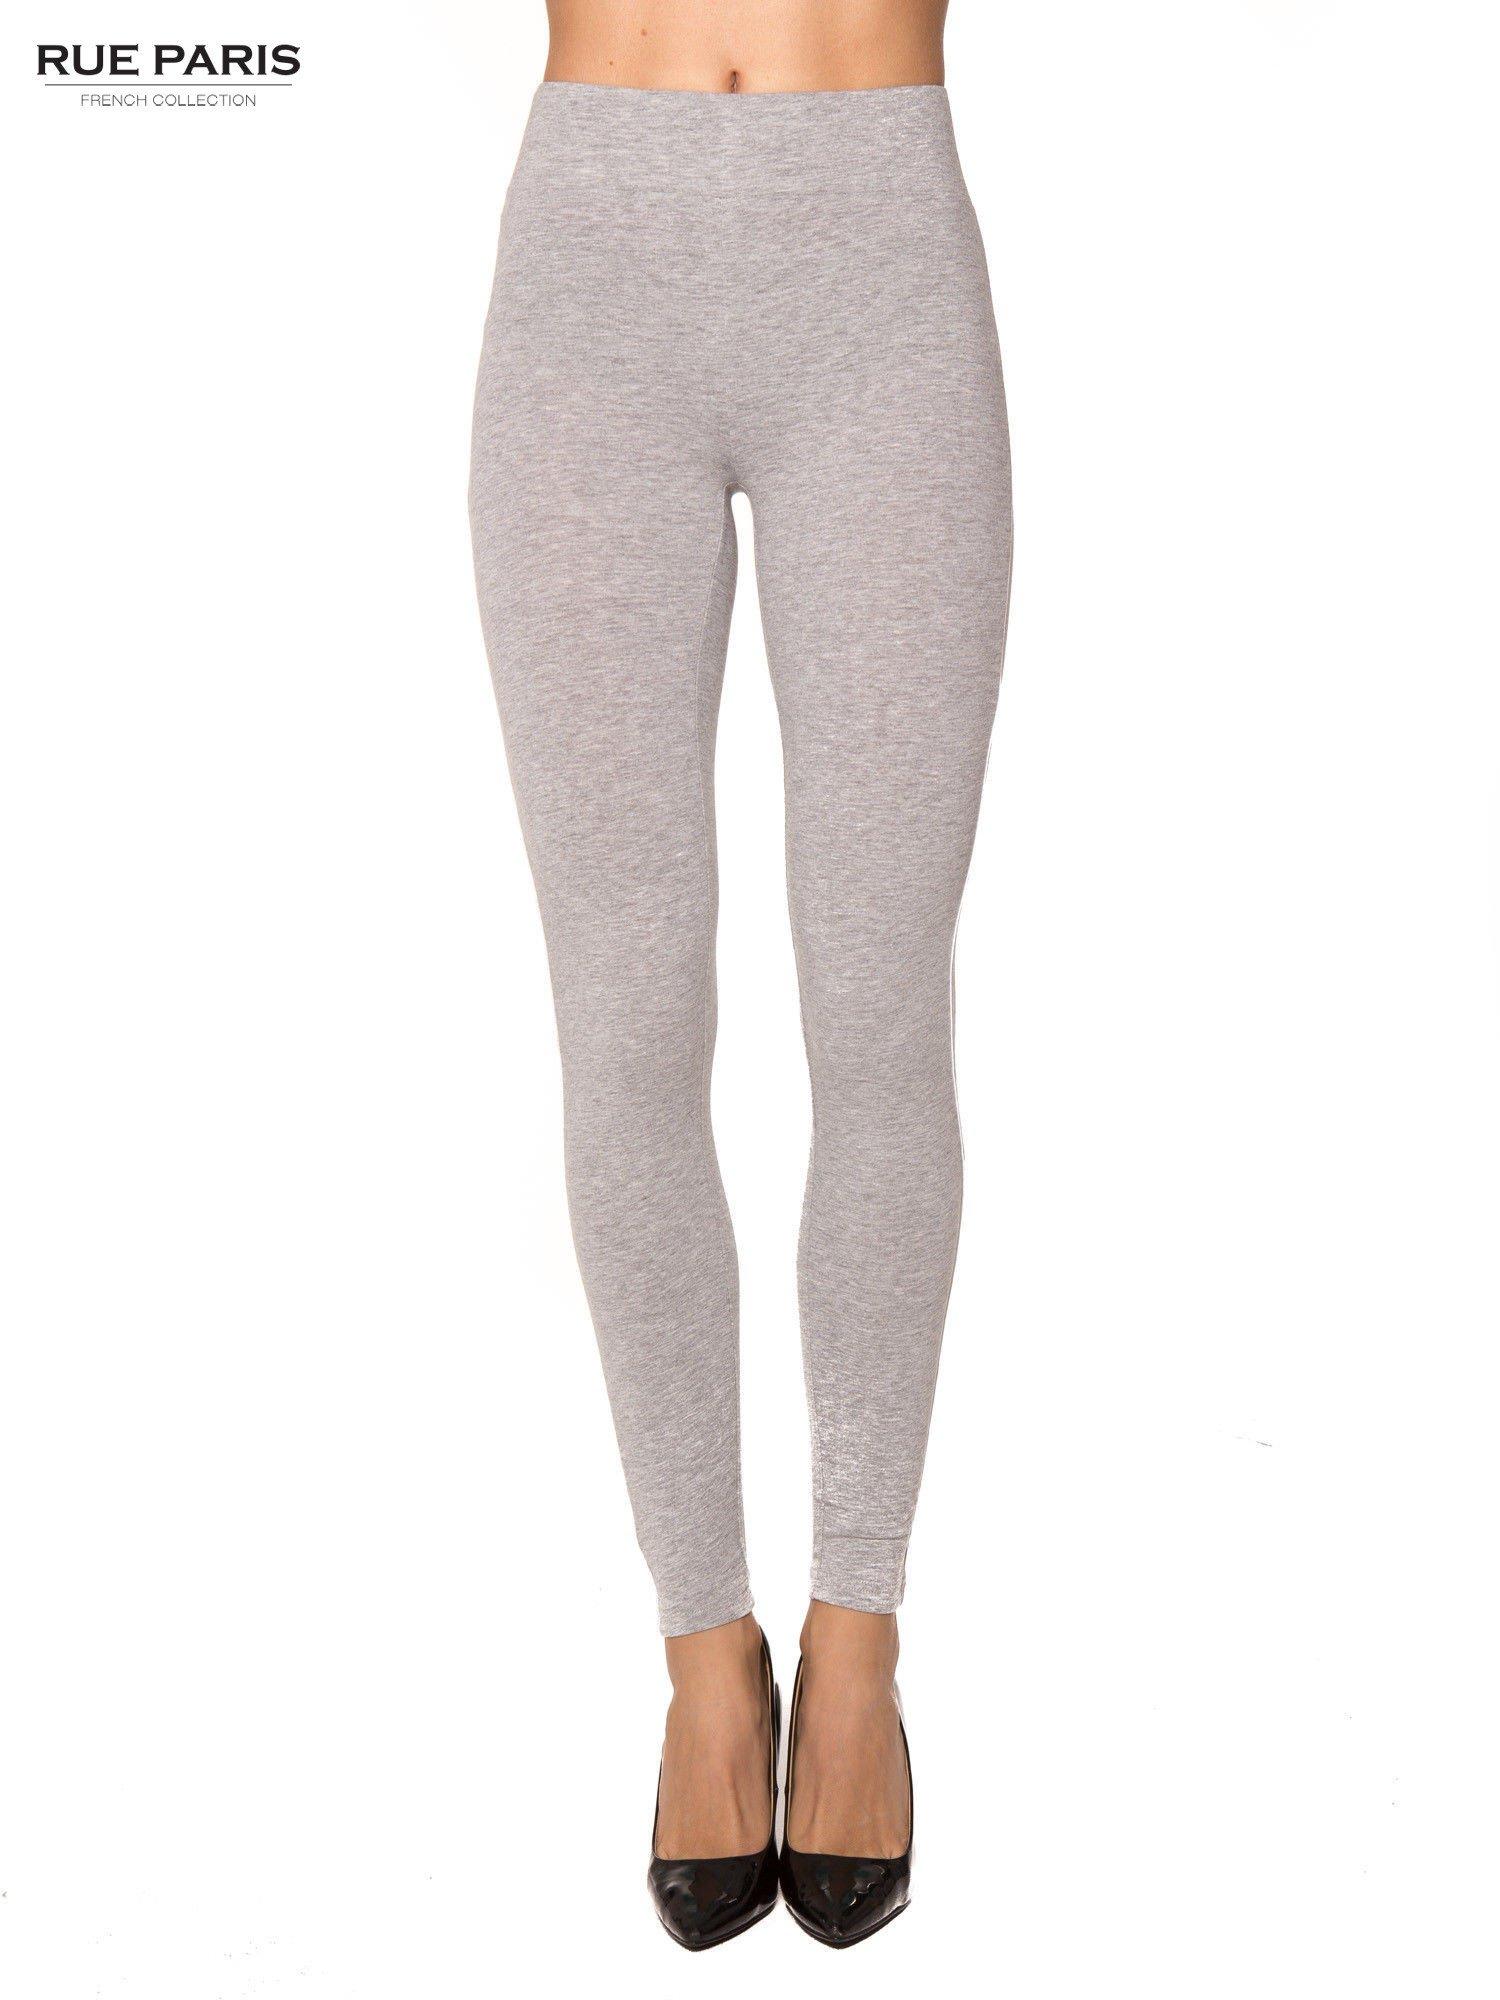 Szare bawełniane legginsy z kontrastowym pasem wzdłuż nogawki                                  zdj.                                  1